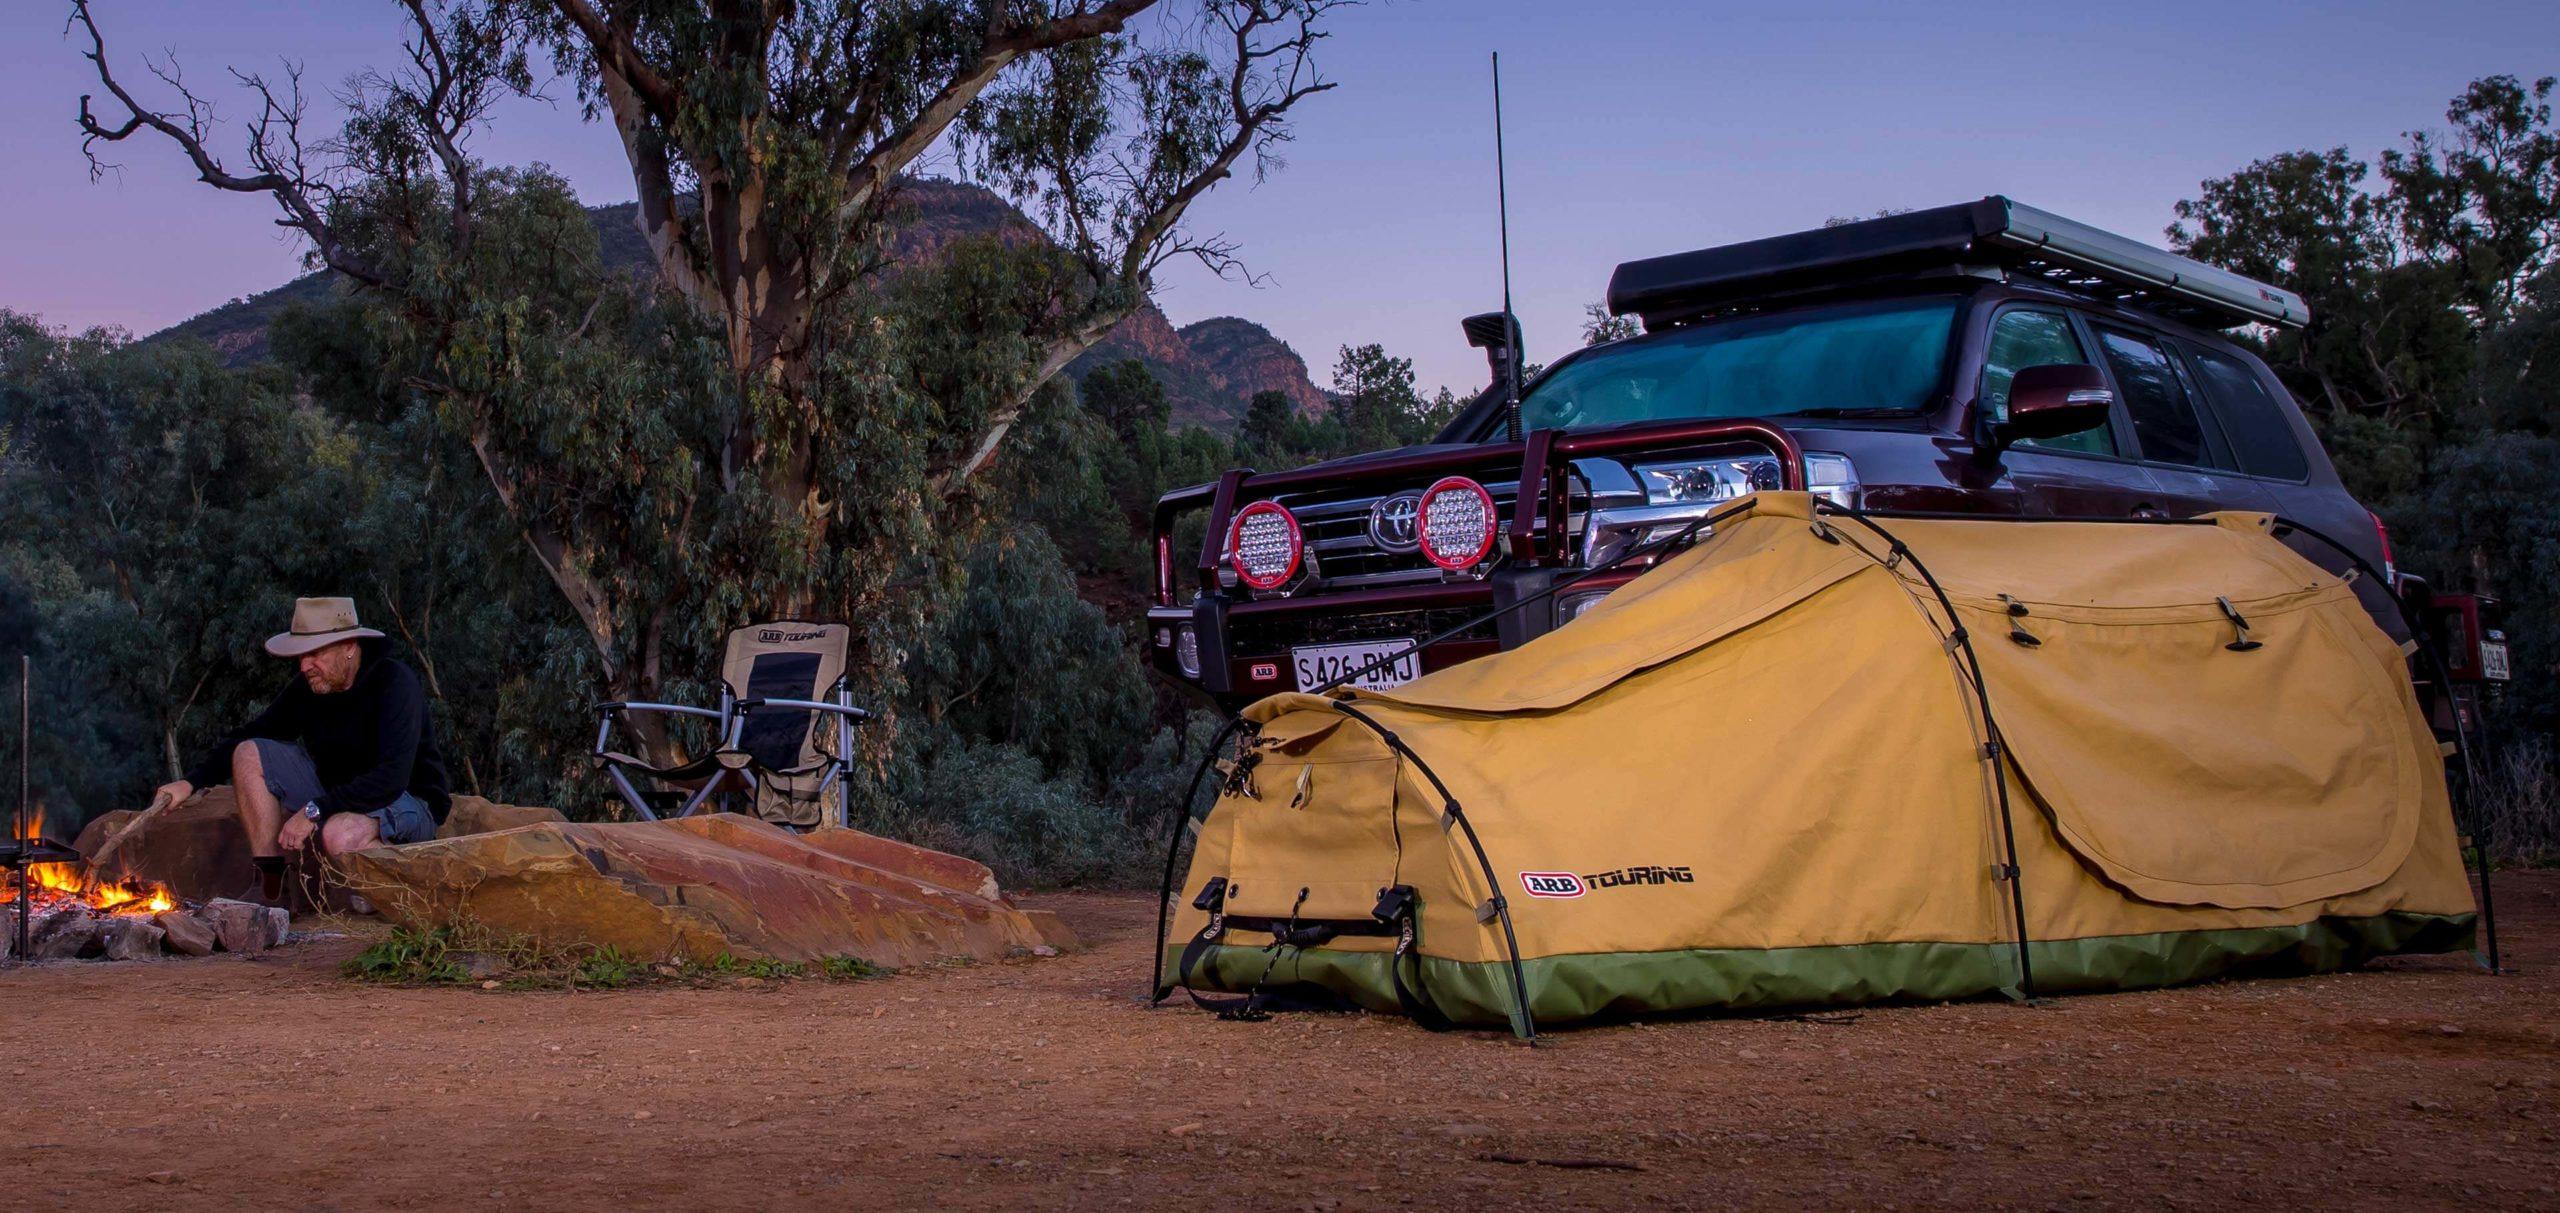 ARB スカイドーム スワッグテントとランクル70